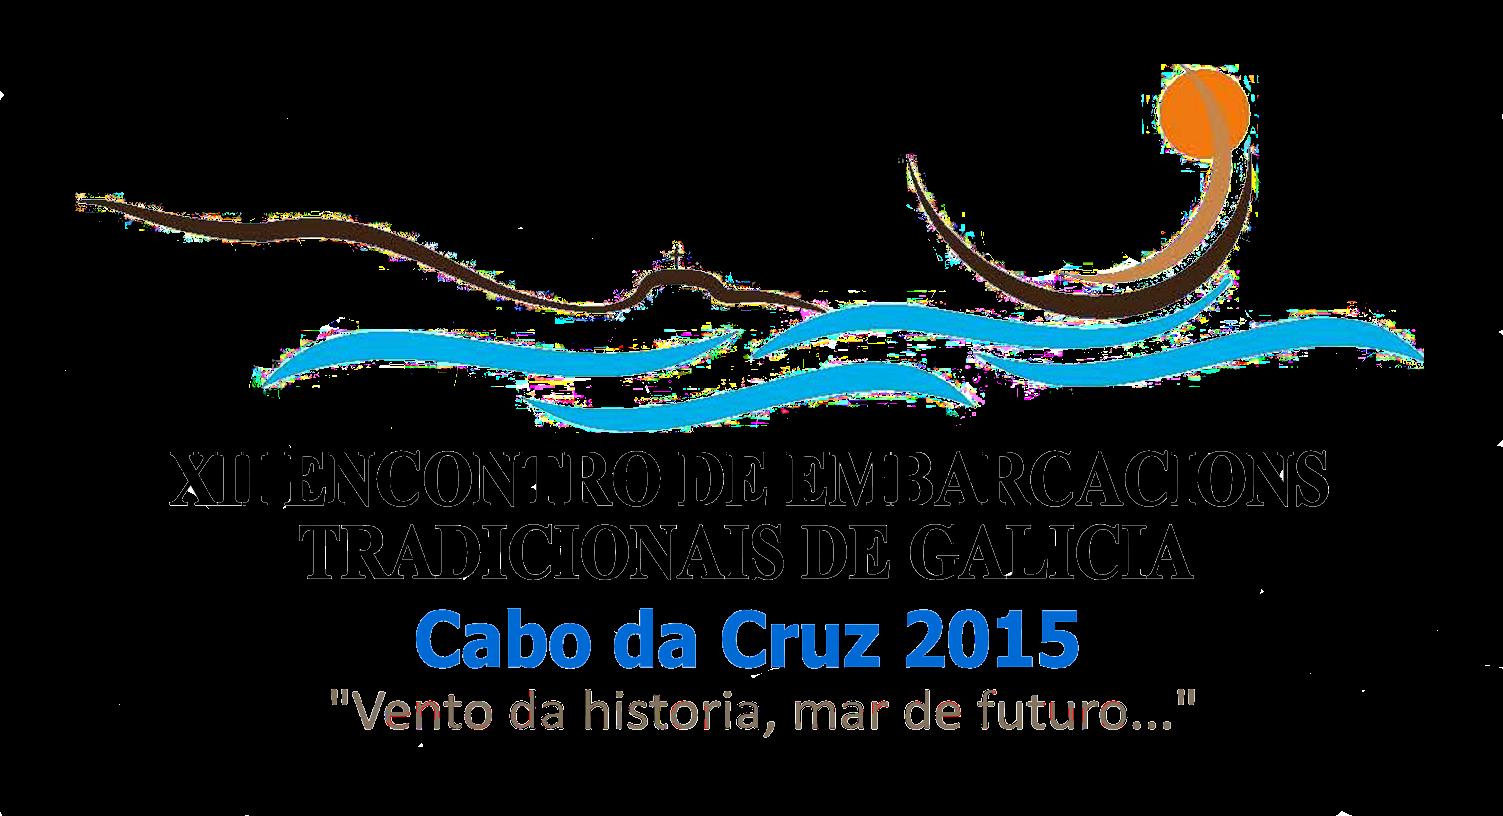 CABO DA CRUZ 2015 - DO 09 AO 12 DE XULLO